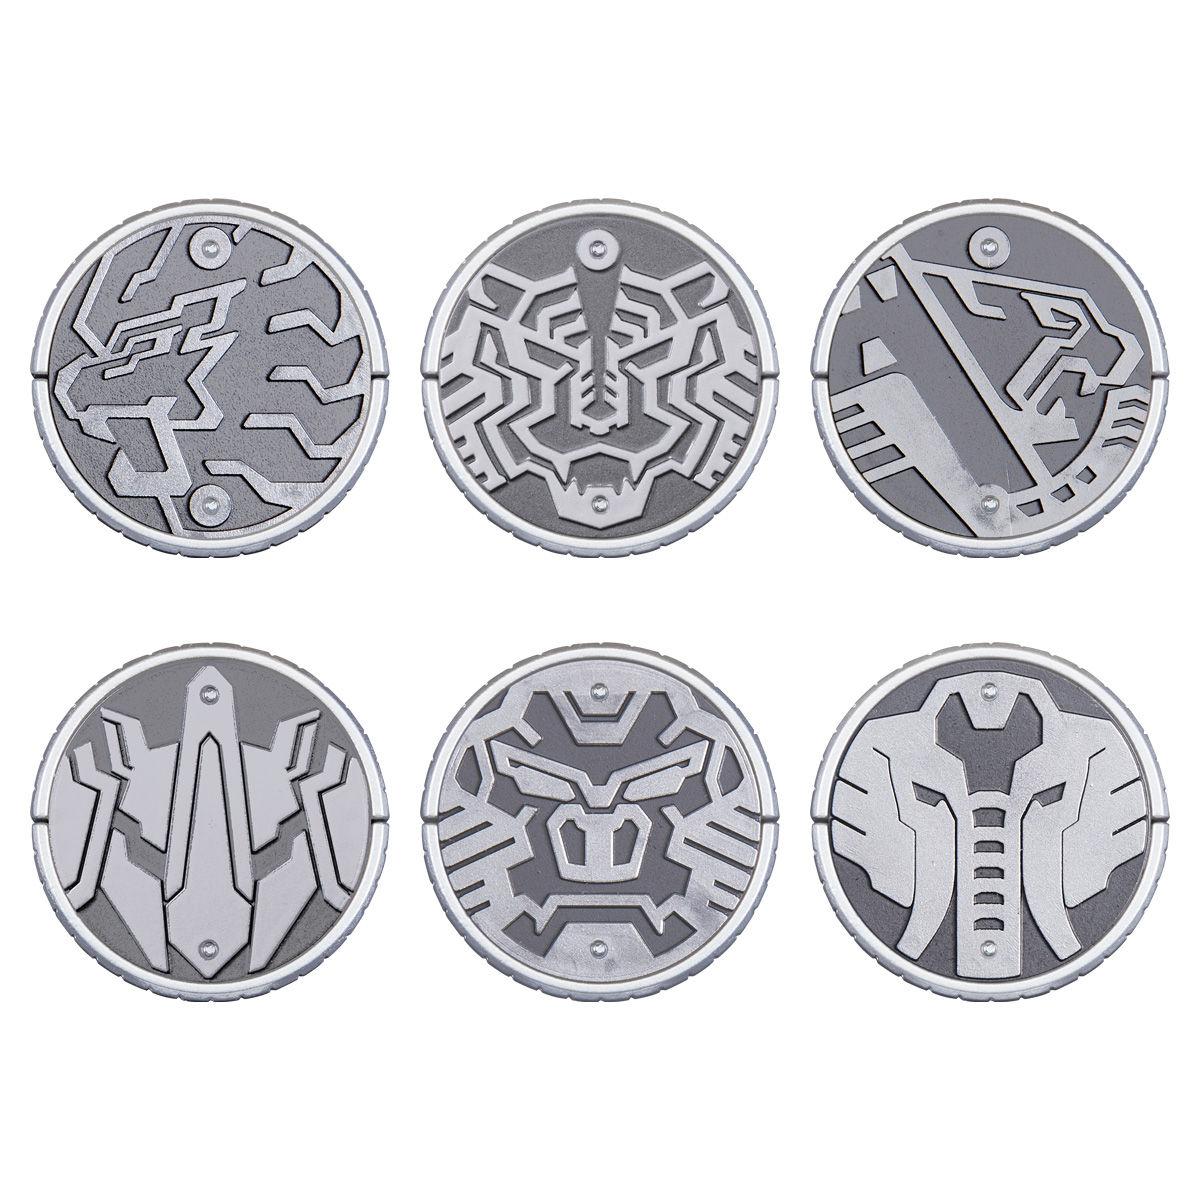 【限定販売】仮面ライダーオーズ『CSMセルメダル』変身なりきり-003